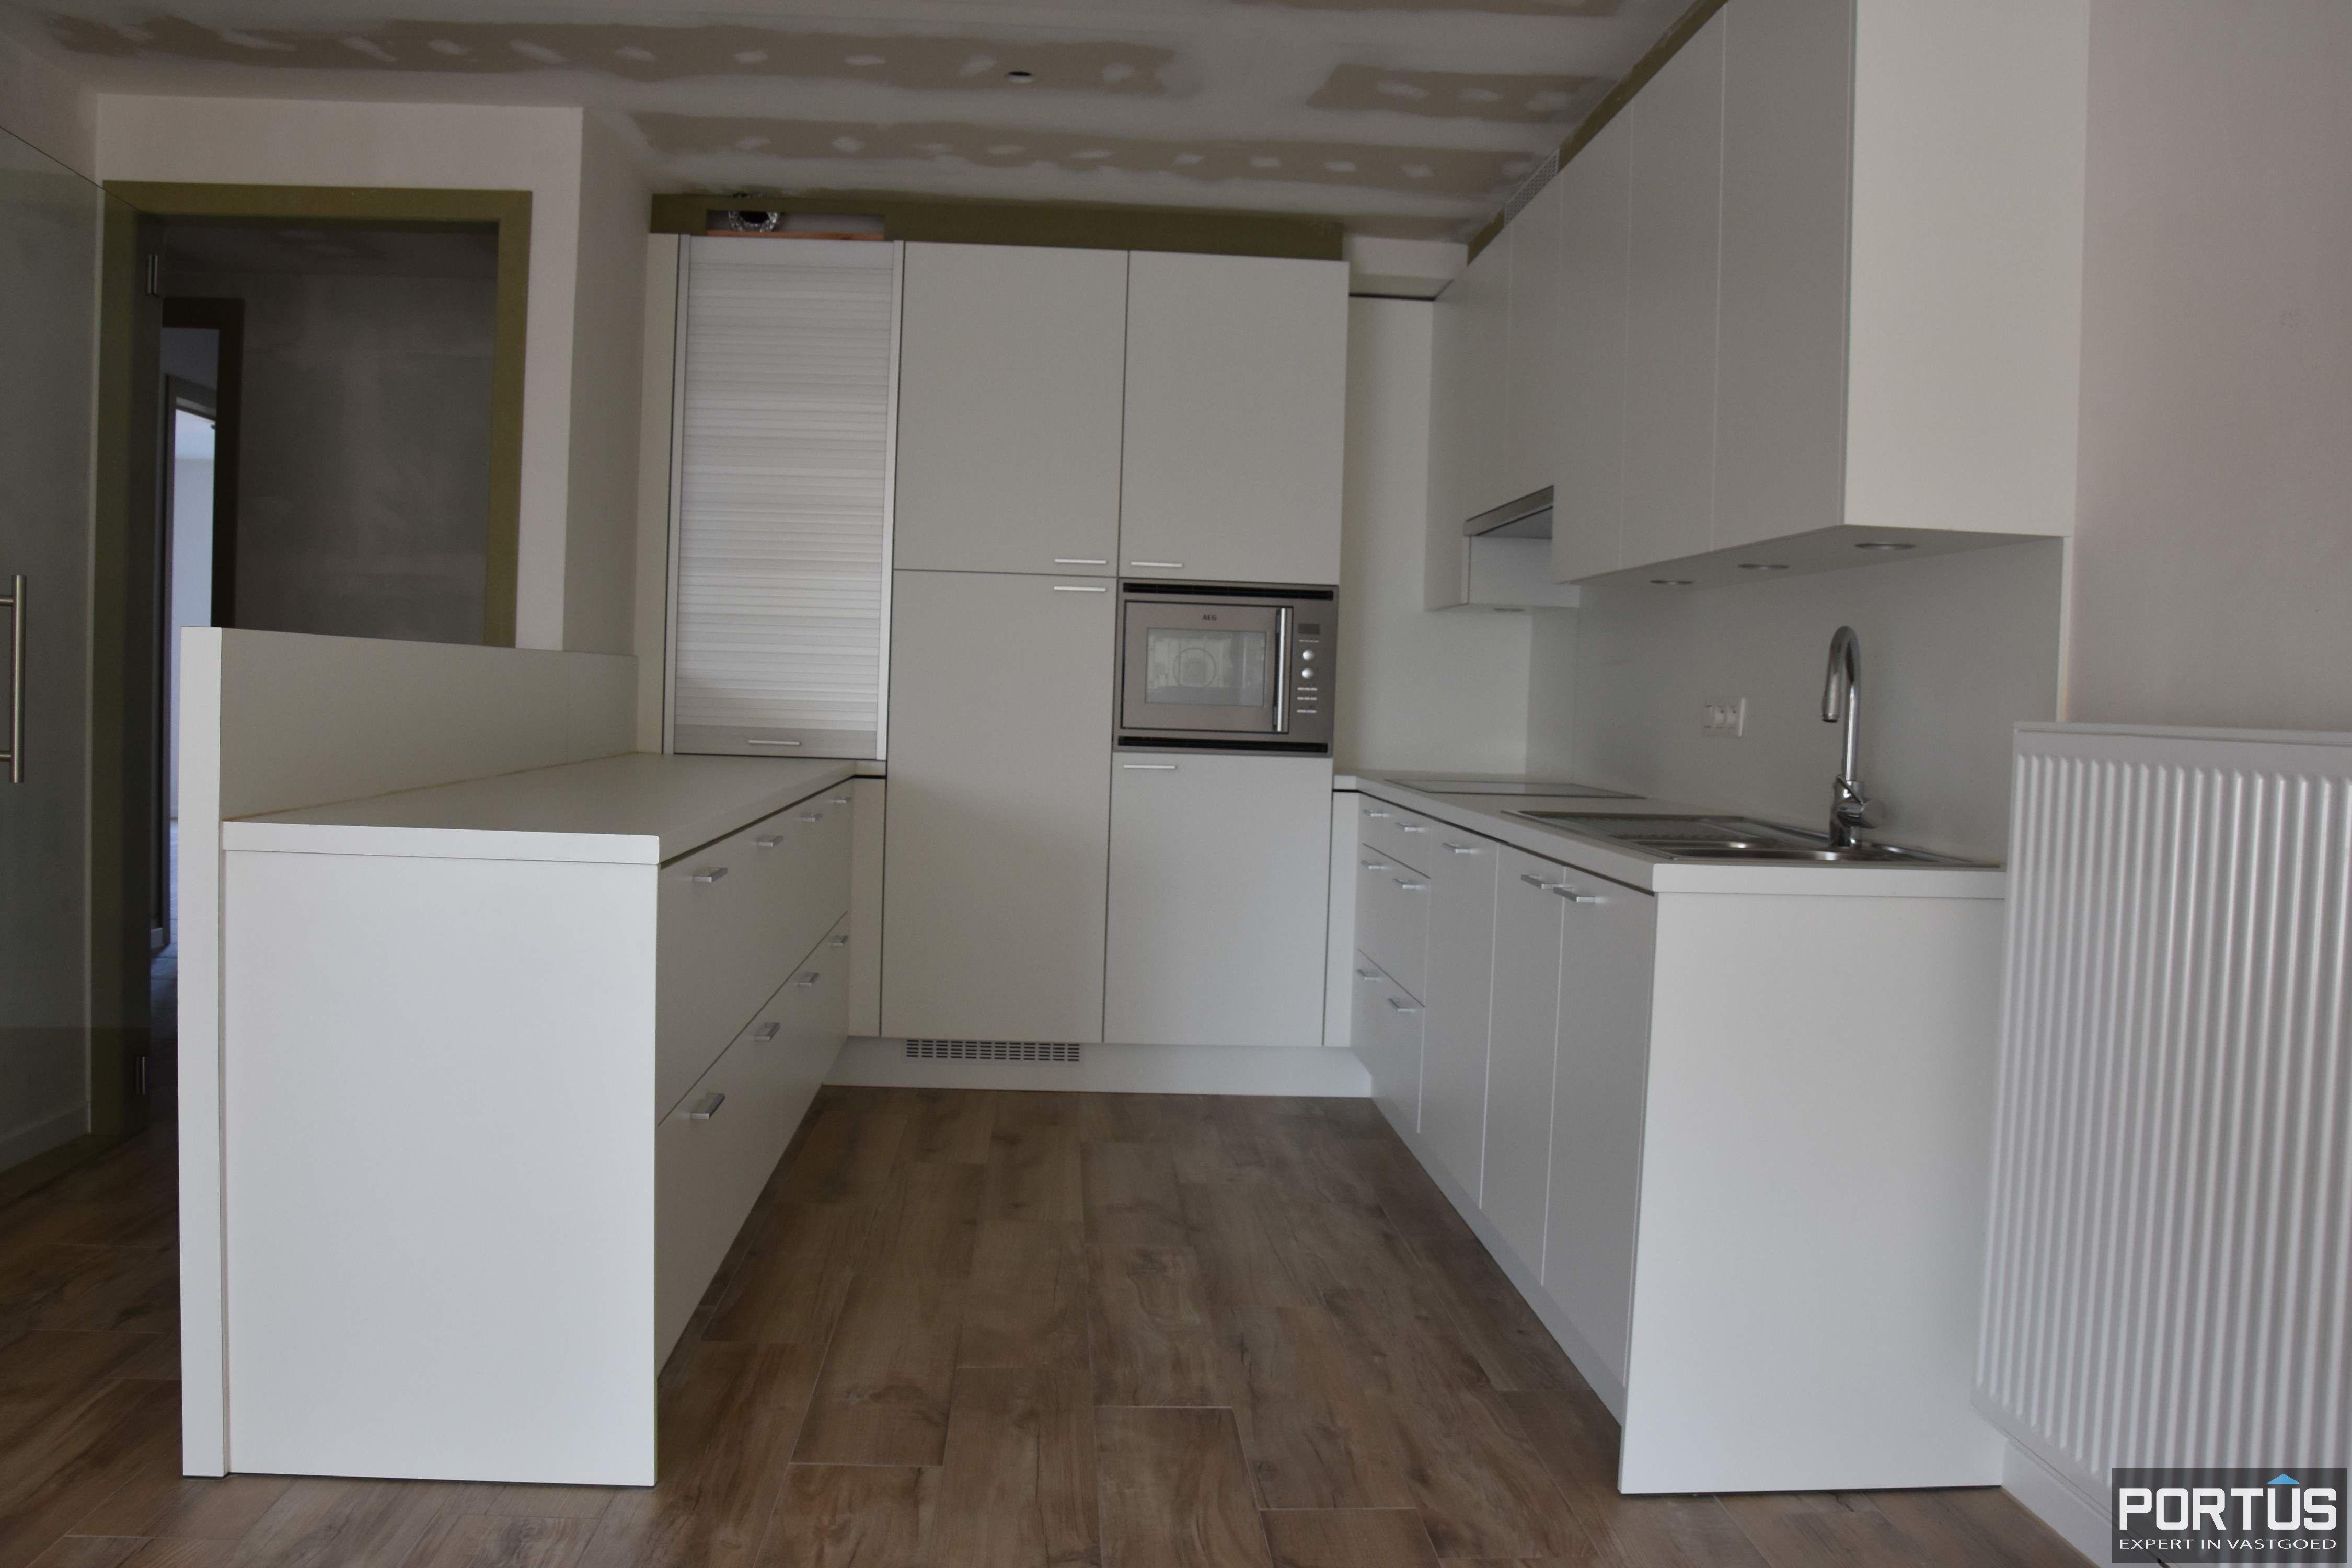 Appartement te koop met 3 slaapkamers, 2 badkamers en groot terras  - 9323